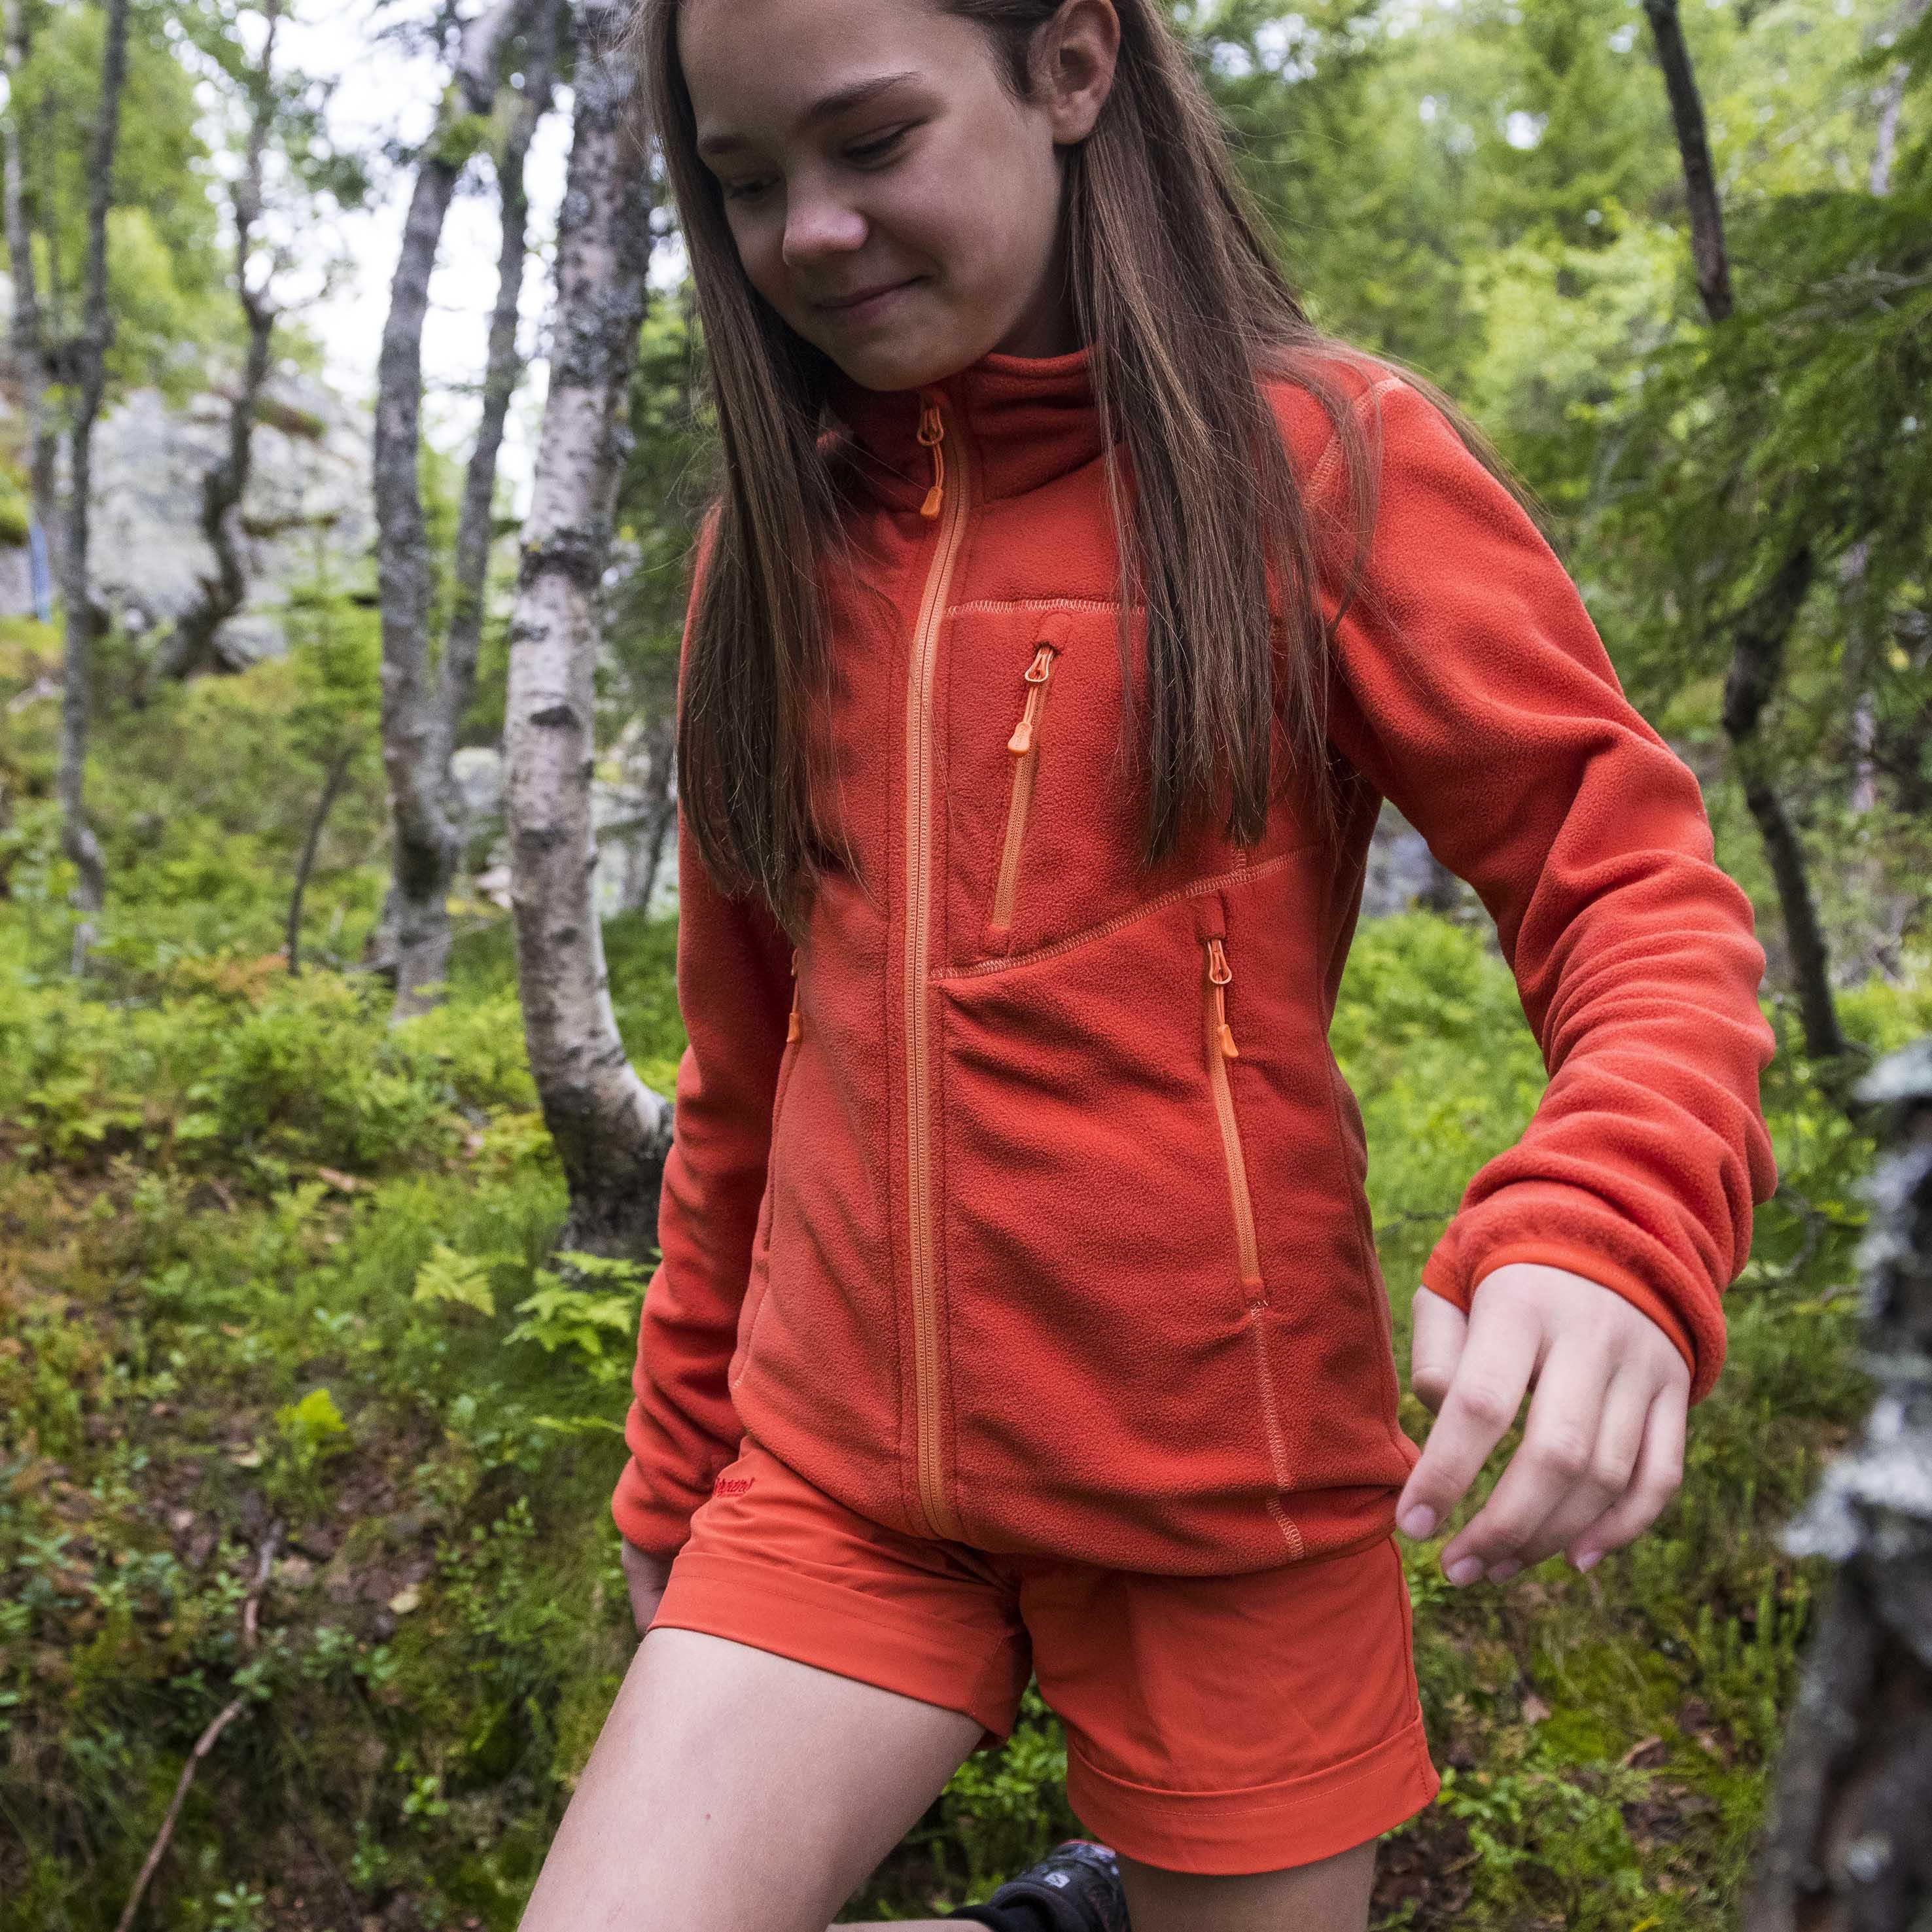 Runde Youth Girl Jacket